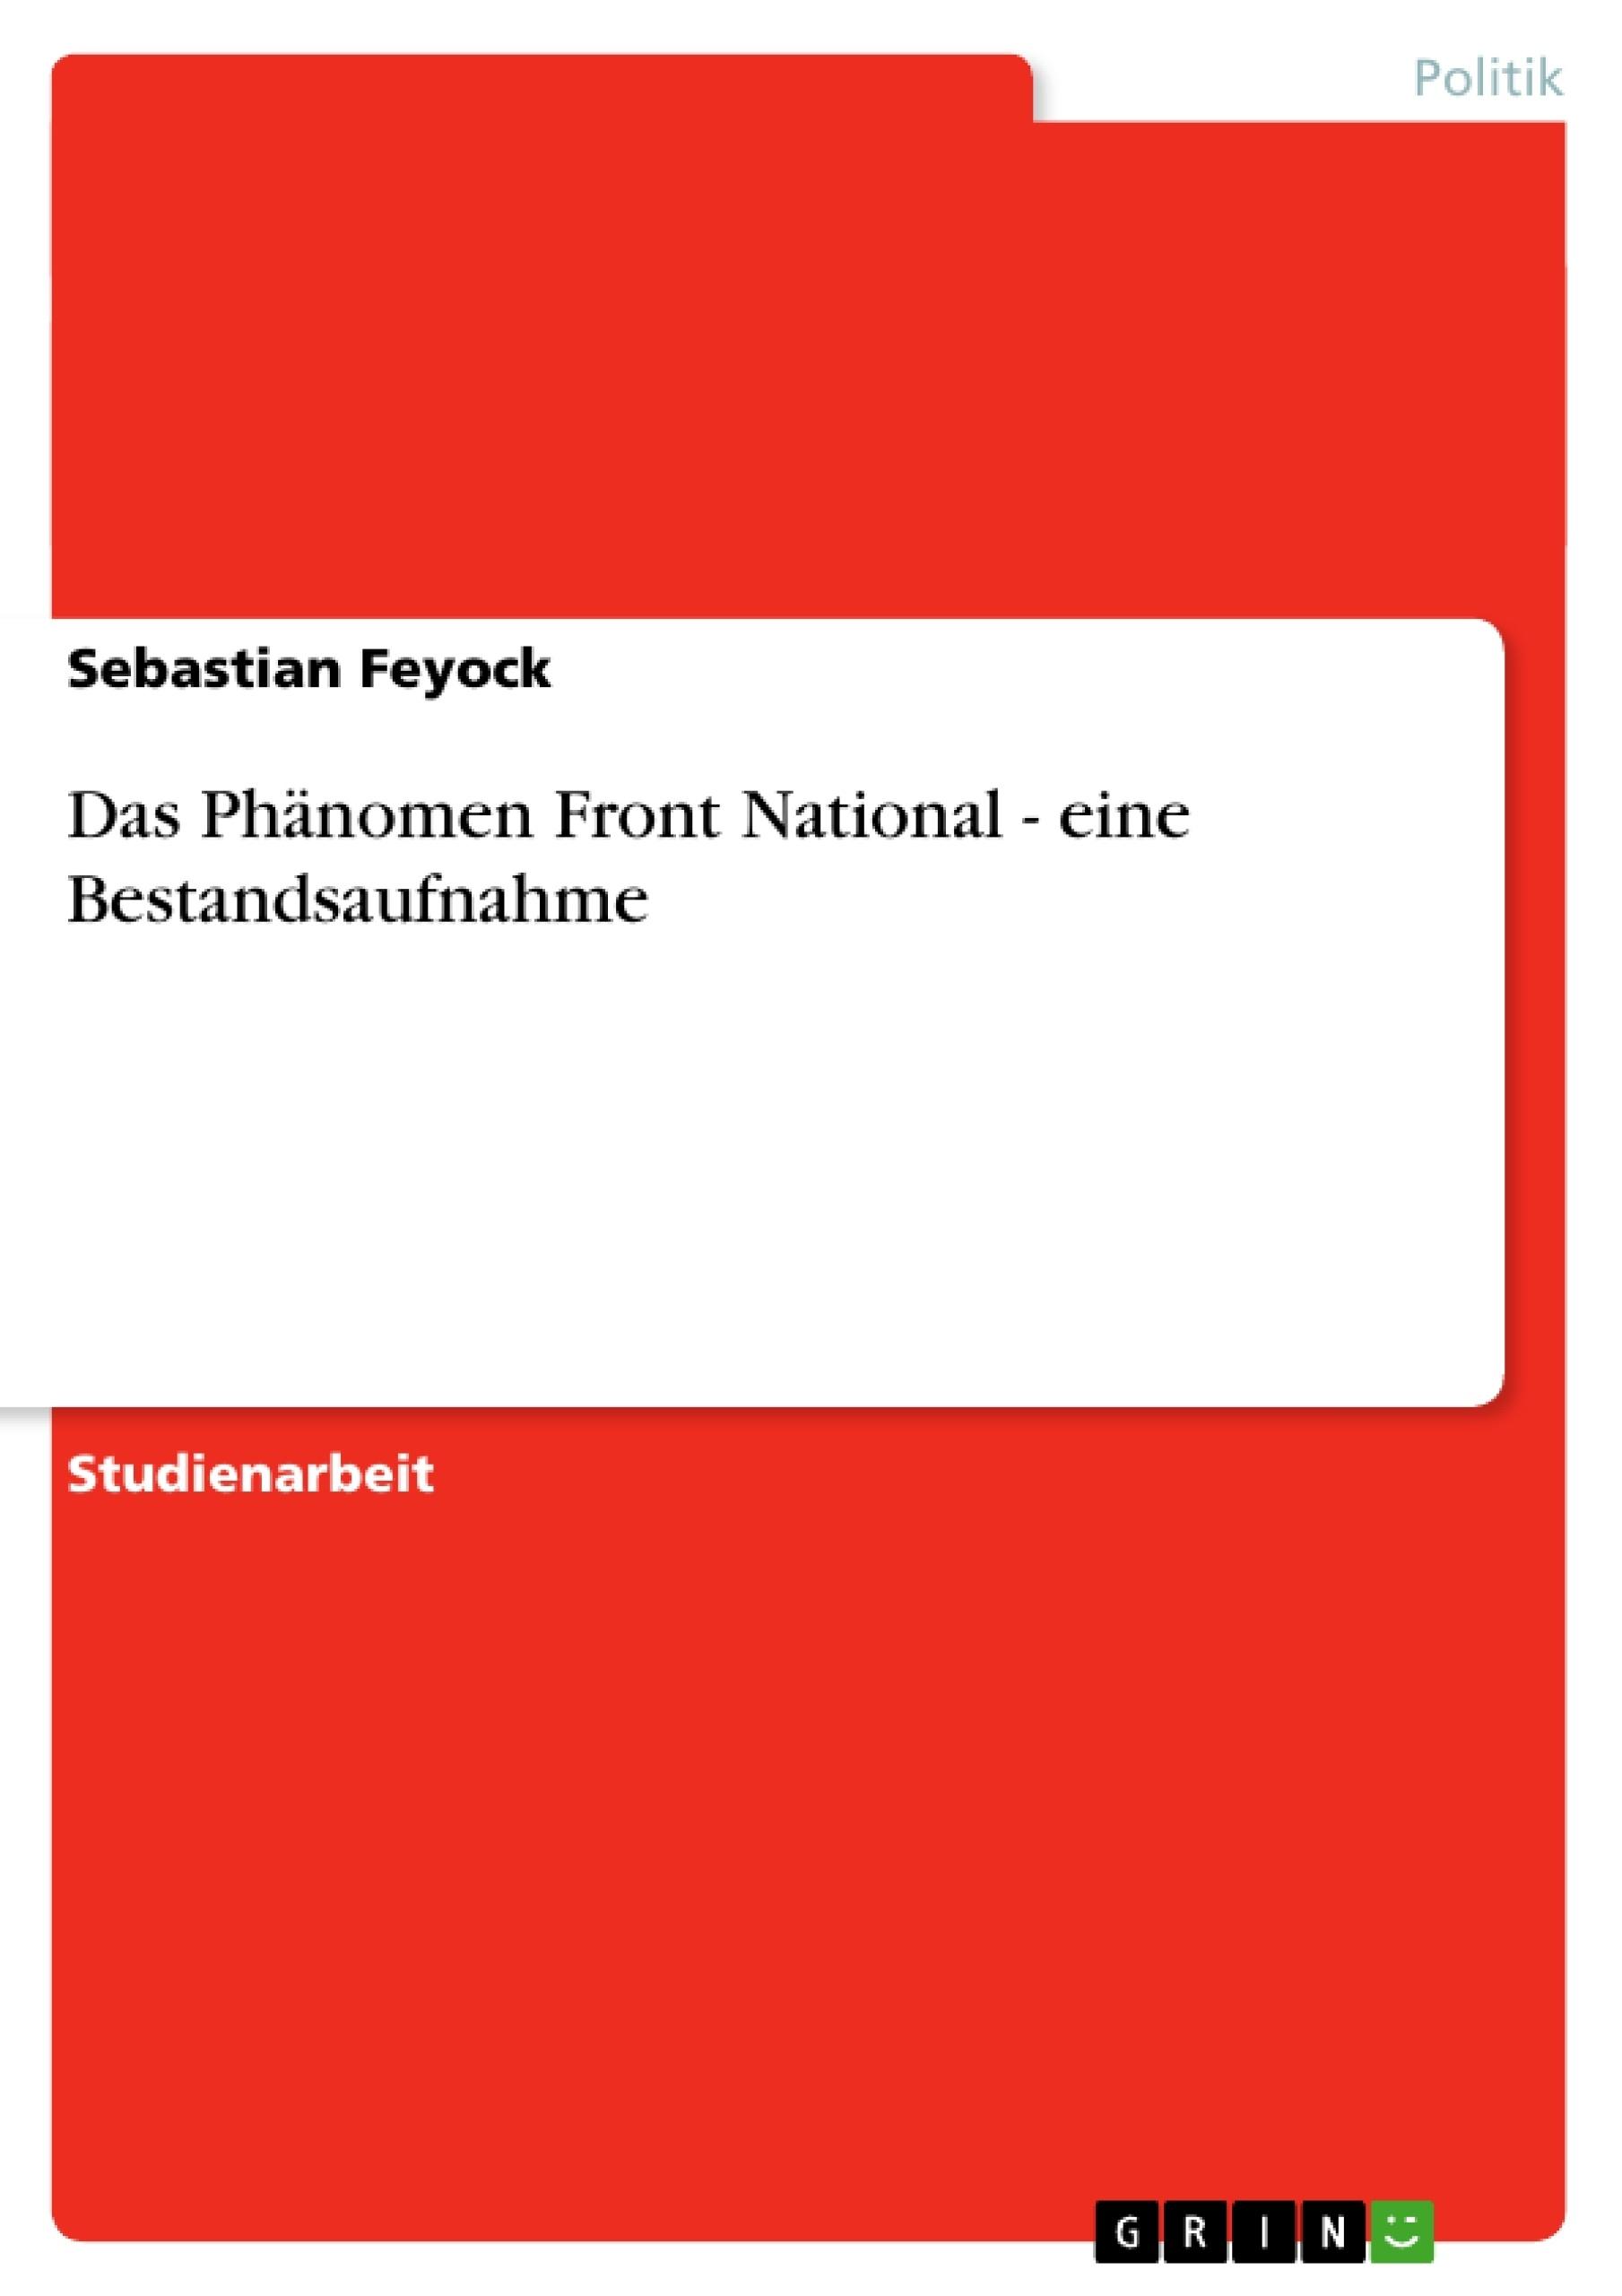 Titel: Das Phänomen Front National - eine Bestandsaufnahme